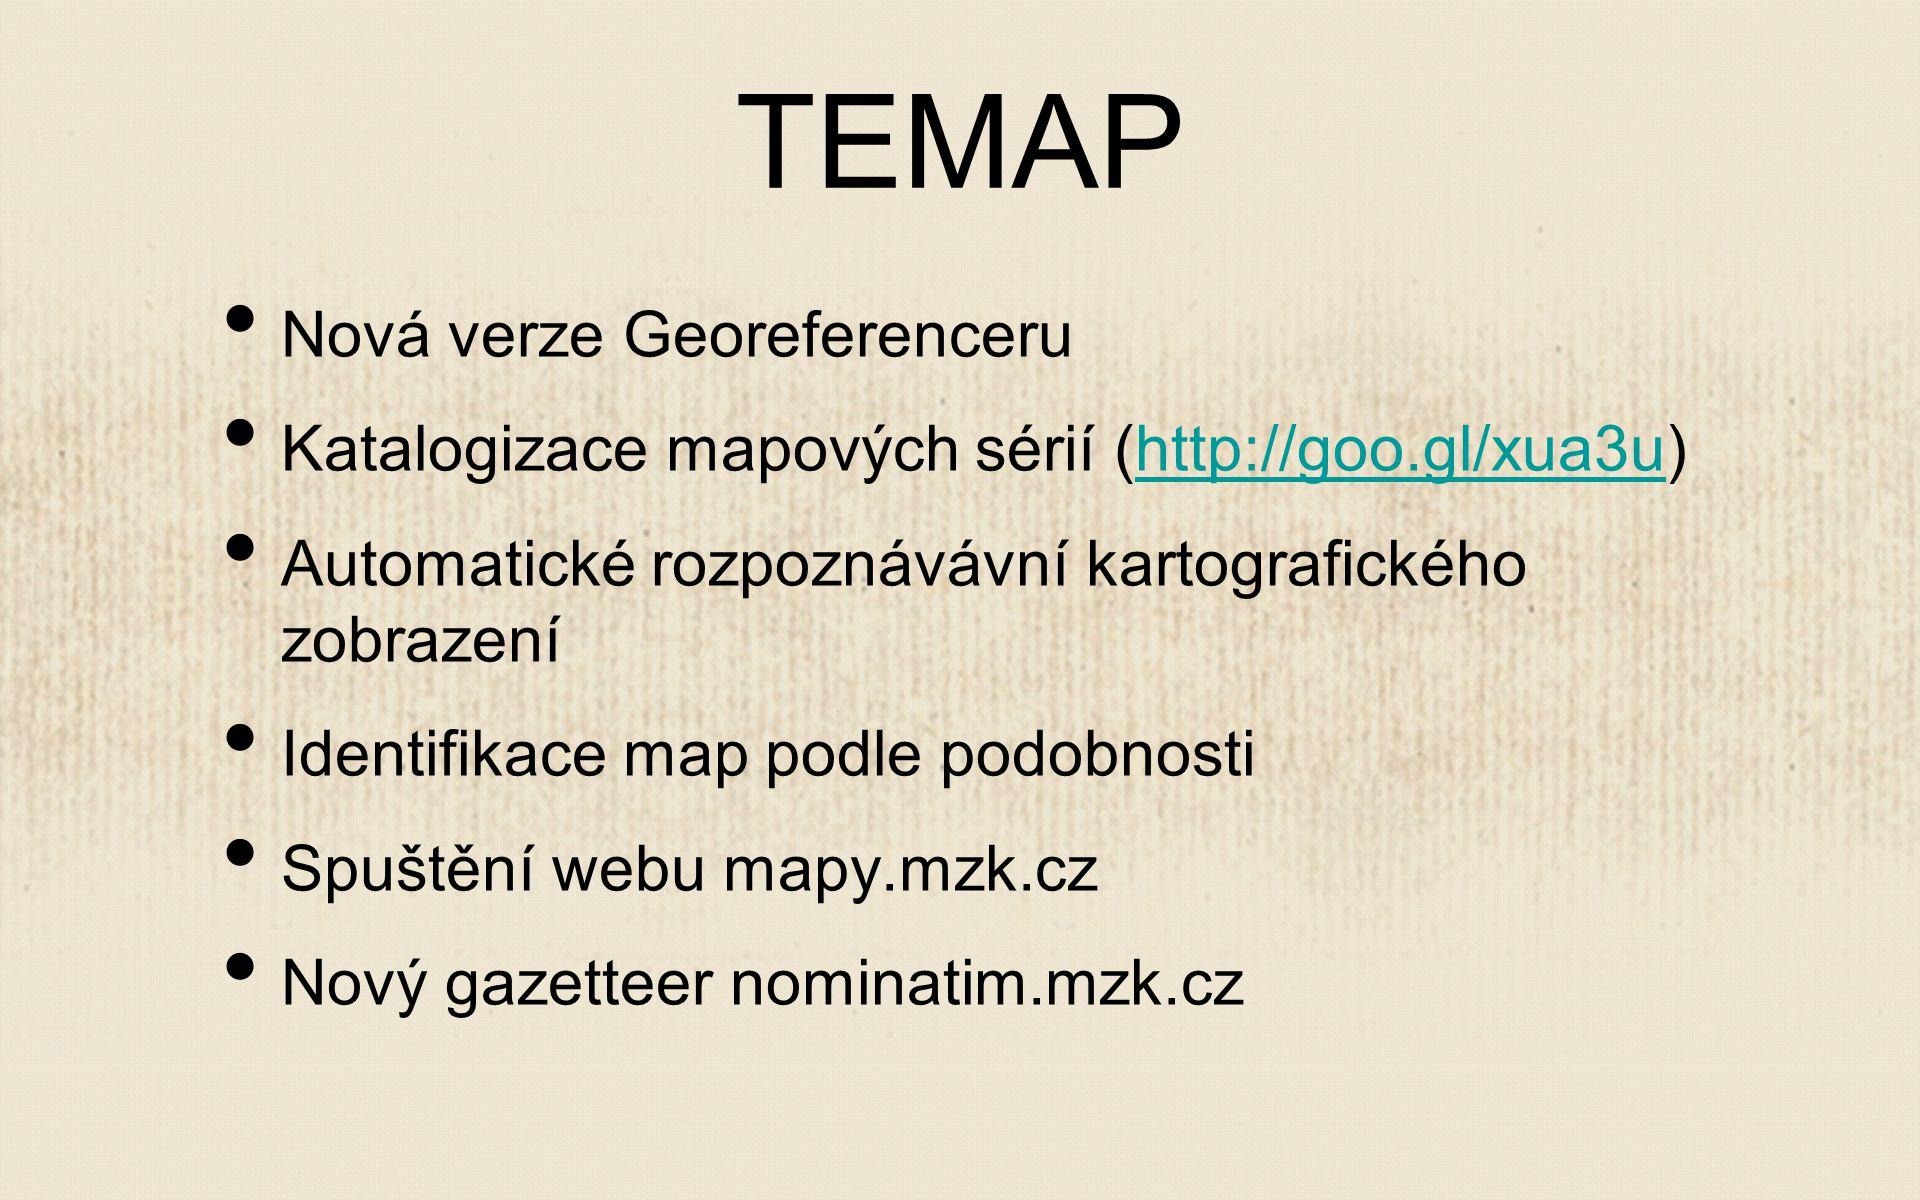 TEMAP Nová verze Georeferenceru Katalogizace mapových sérií (http://goo.gl/xua3u)http://goo.gl/xua3u Automatické rozpoznávávní kartografického zobrazení Identifikace map podle podobnosti Spuštění webu mapy.mzk.cz Nový gazetteer nominatim.mzk.cz